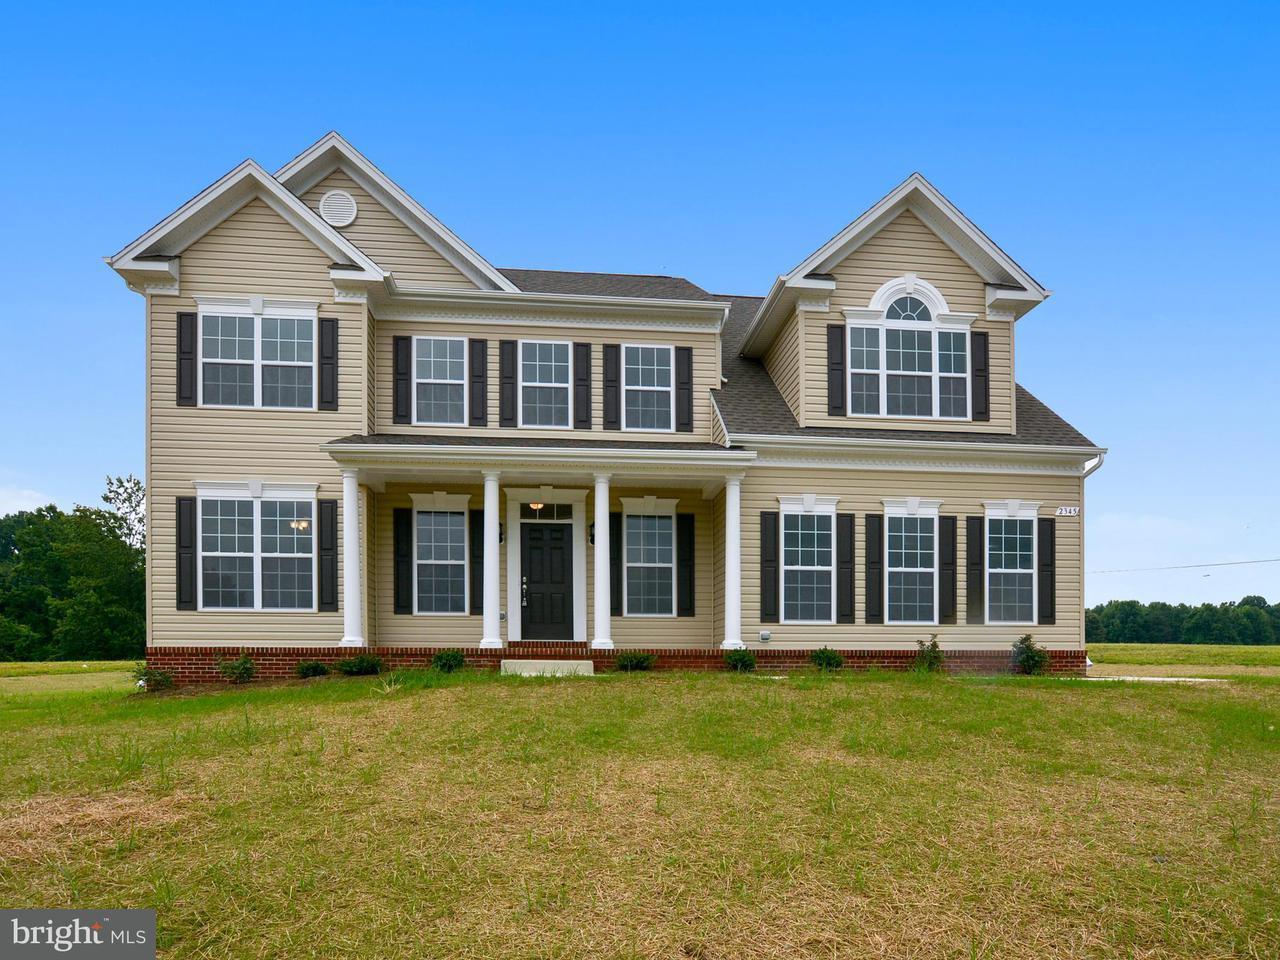 Maison unifamiliale pour l Vente à 12725 H G Trueman Drive 12725 H G Trueman Drive Lusby, Maryland 20657 États-Unis